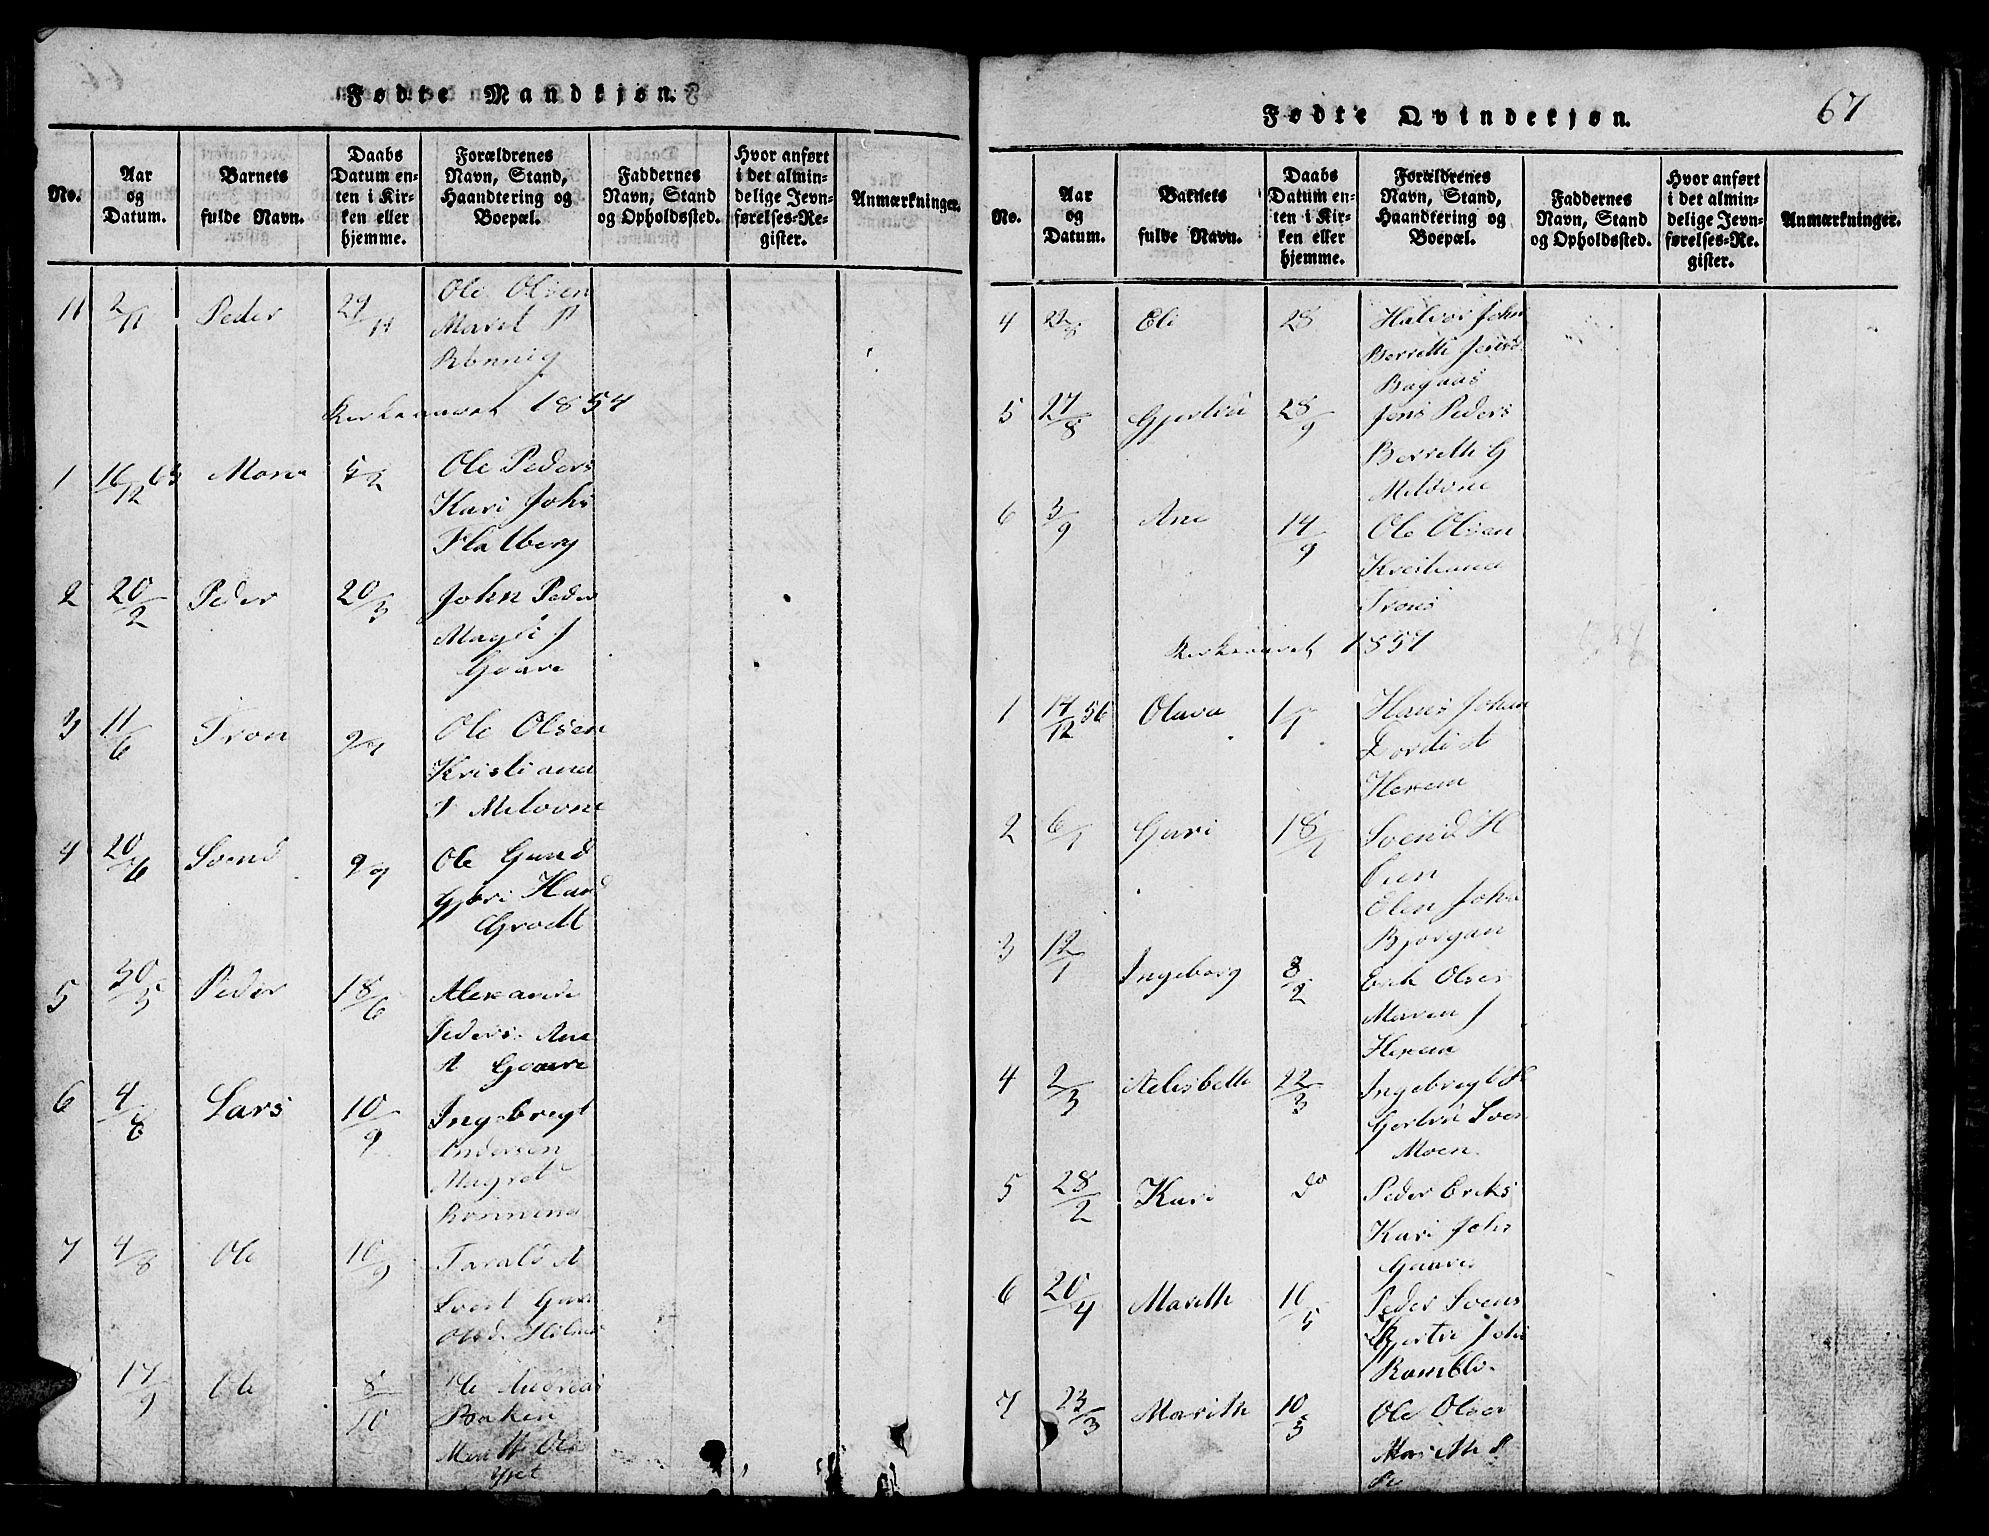 SAT, Ministerialprotokoller, klokkerbøker og fødselsregistre - Sør-Trøndelag, 685/L0976: Klokkerbok nr. 685C01, 1817-1878, s. 67